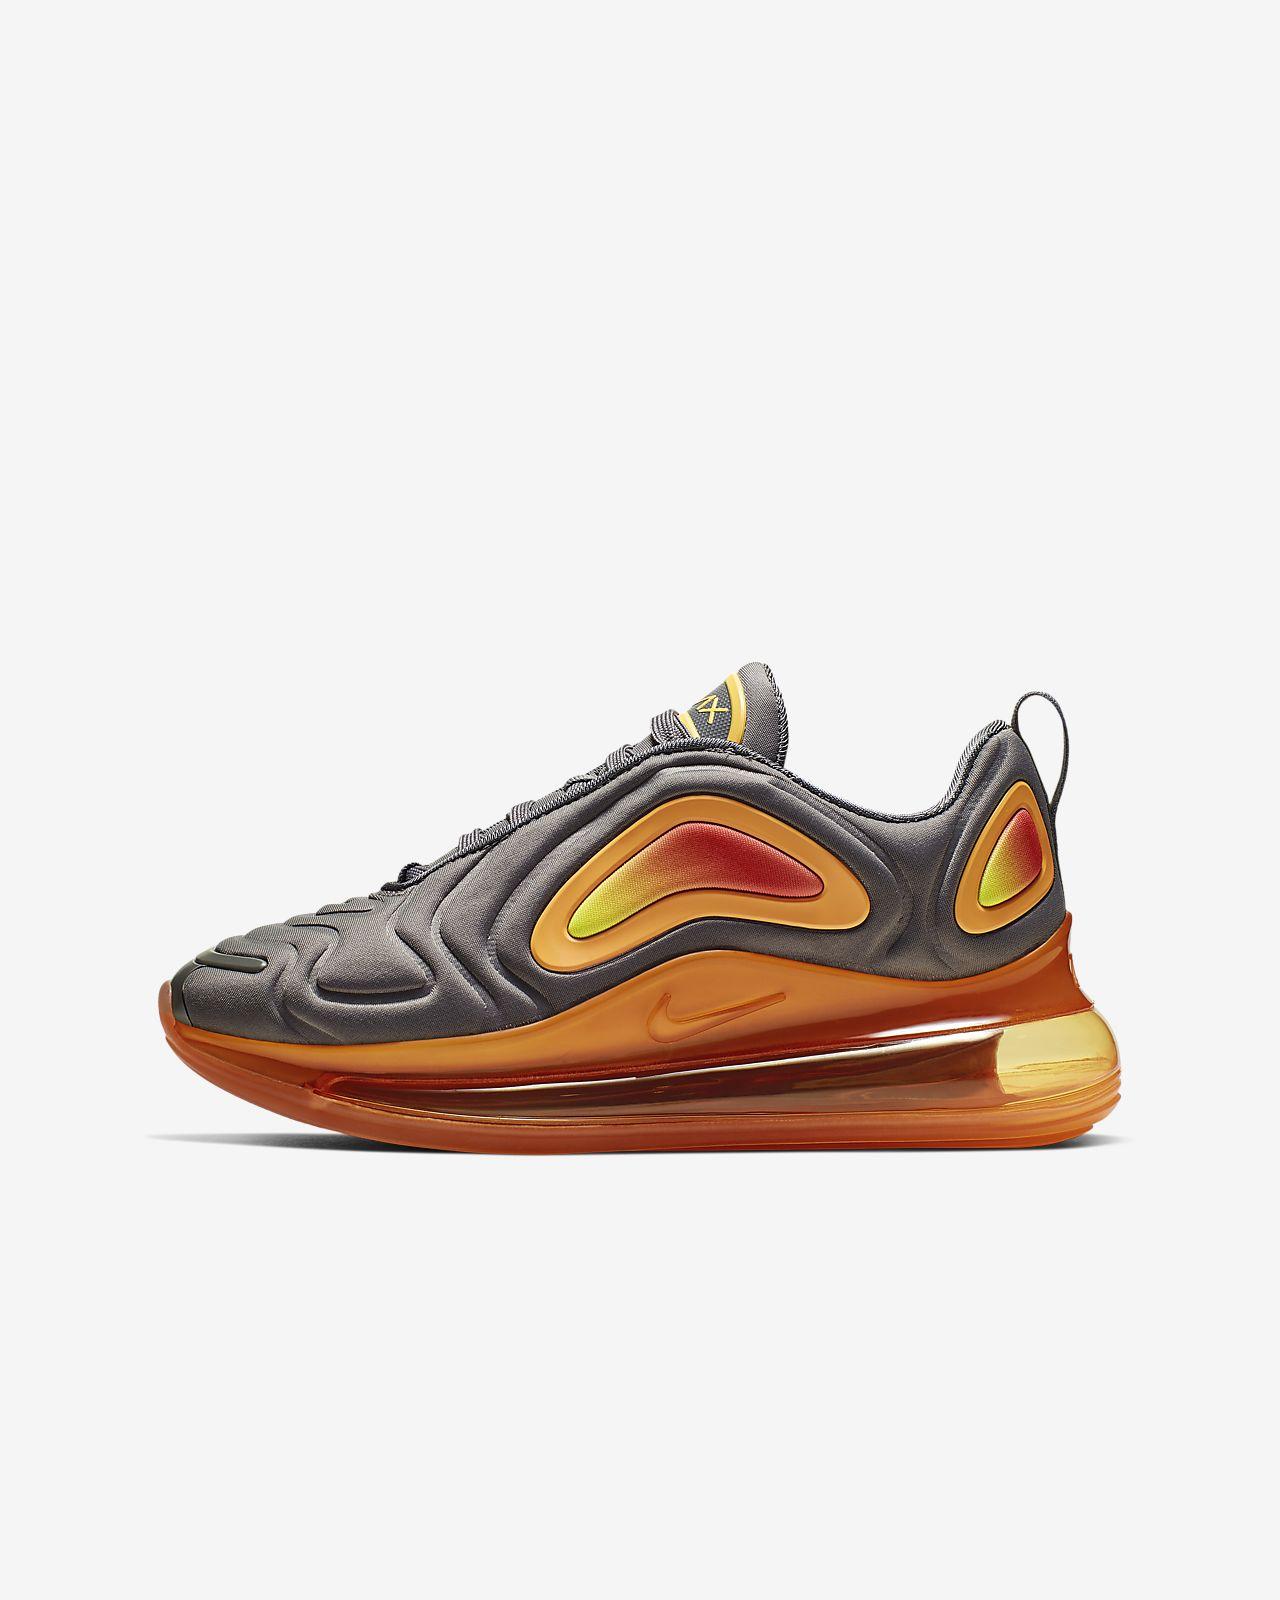 Nike Air Max 720 Game Change Schoen voor kleuters/kids